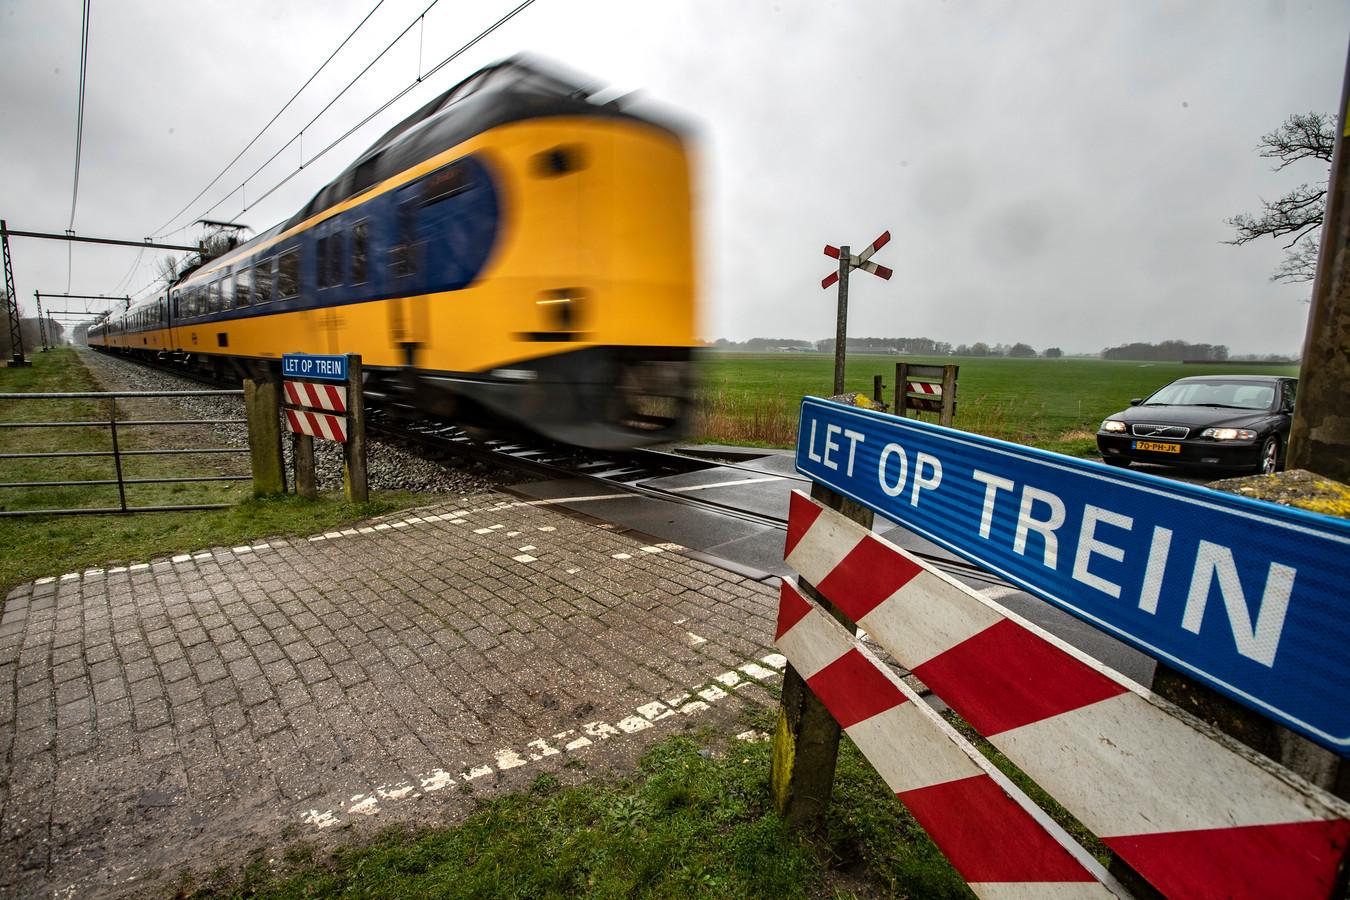 De spoorwegovergang in de Oude Allee in Olst moet in 2022 beveiligd zijn met spoorbomen.